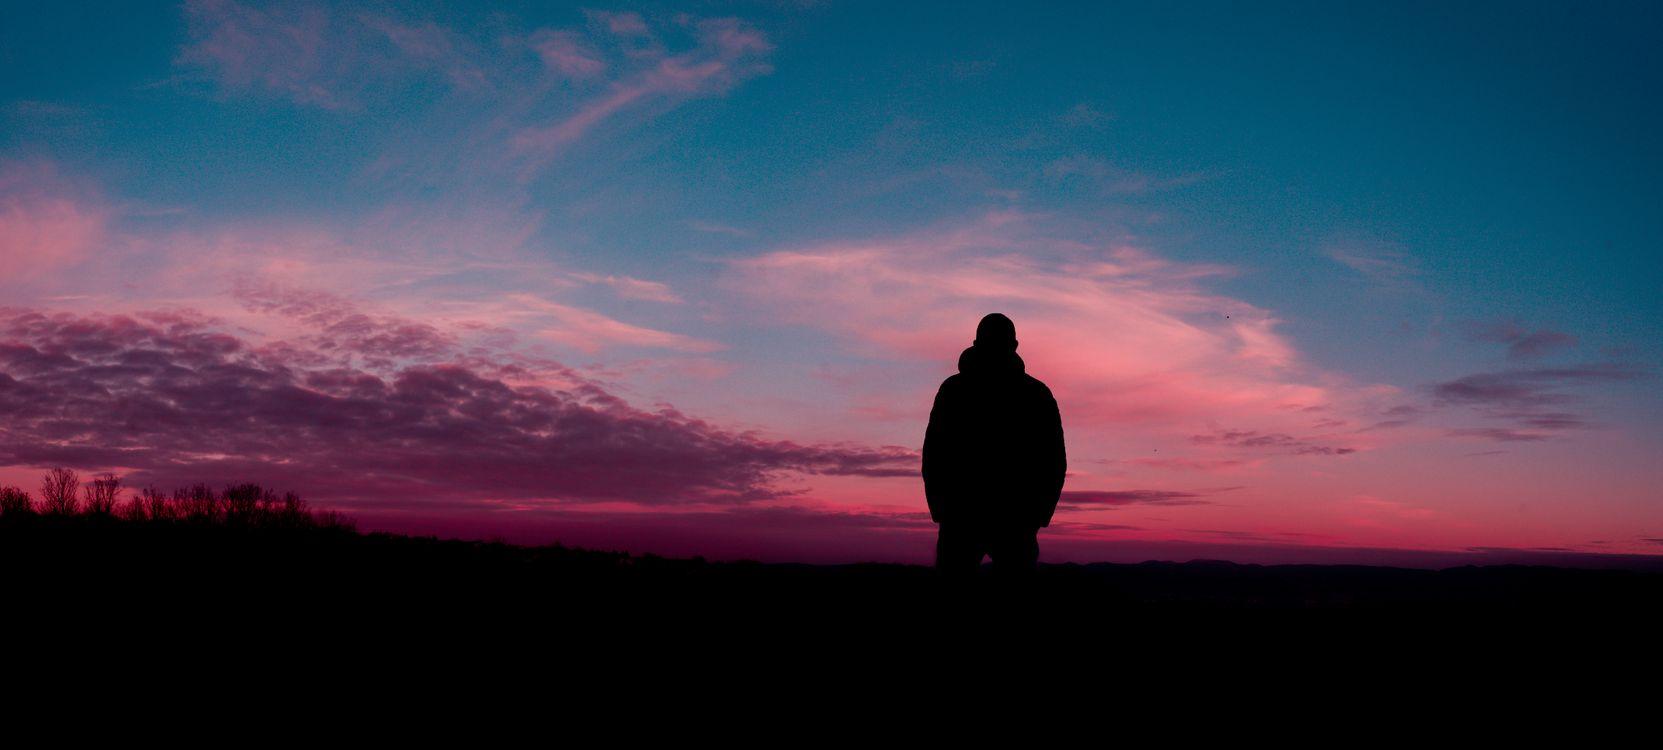 Обои человек, силуэт, небо, ночь, man, silhouette, sky, night на телефон | картинки настроения